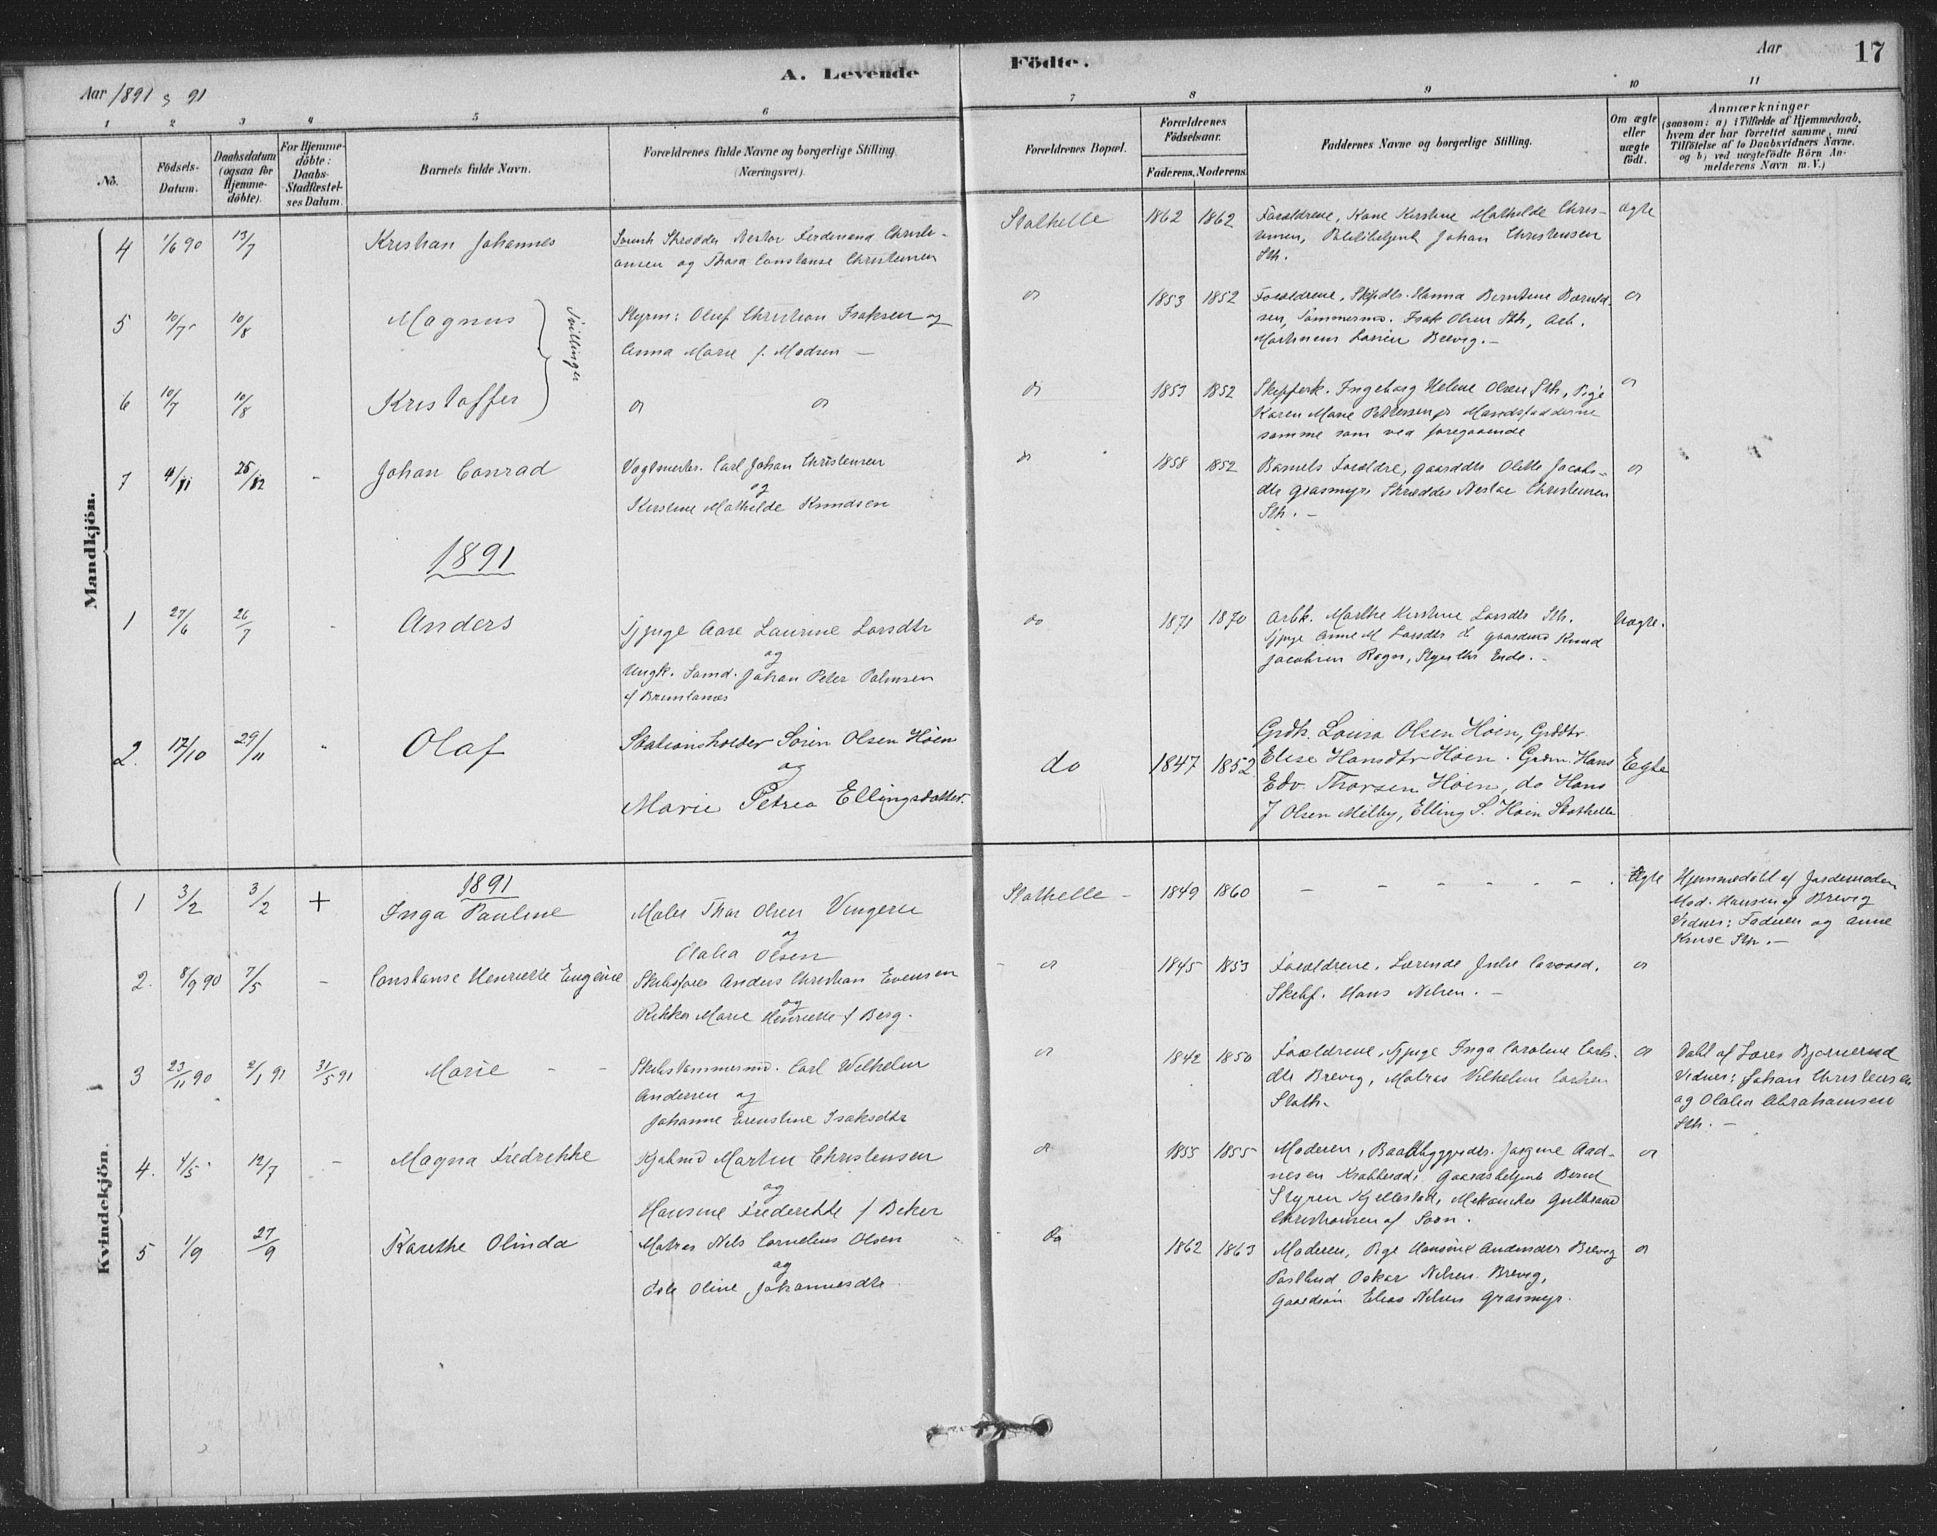 SAKO, Bamble kirkebøker, F/Fb/L0001: Ministerialbok nr. II 1, 1878-1899, s. 17